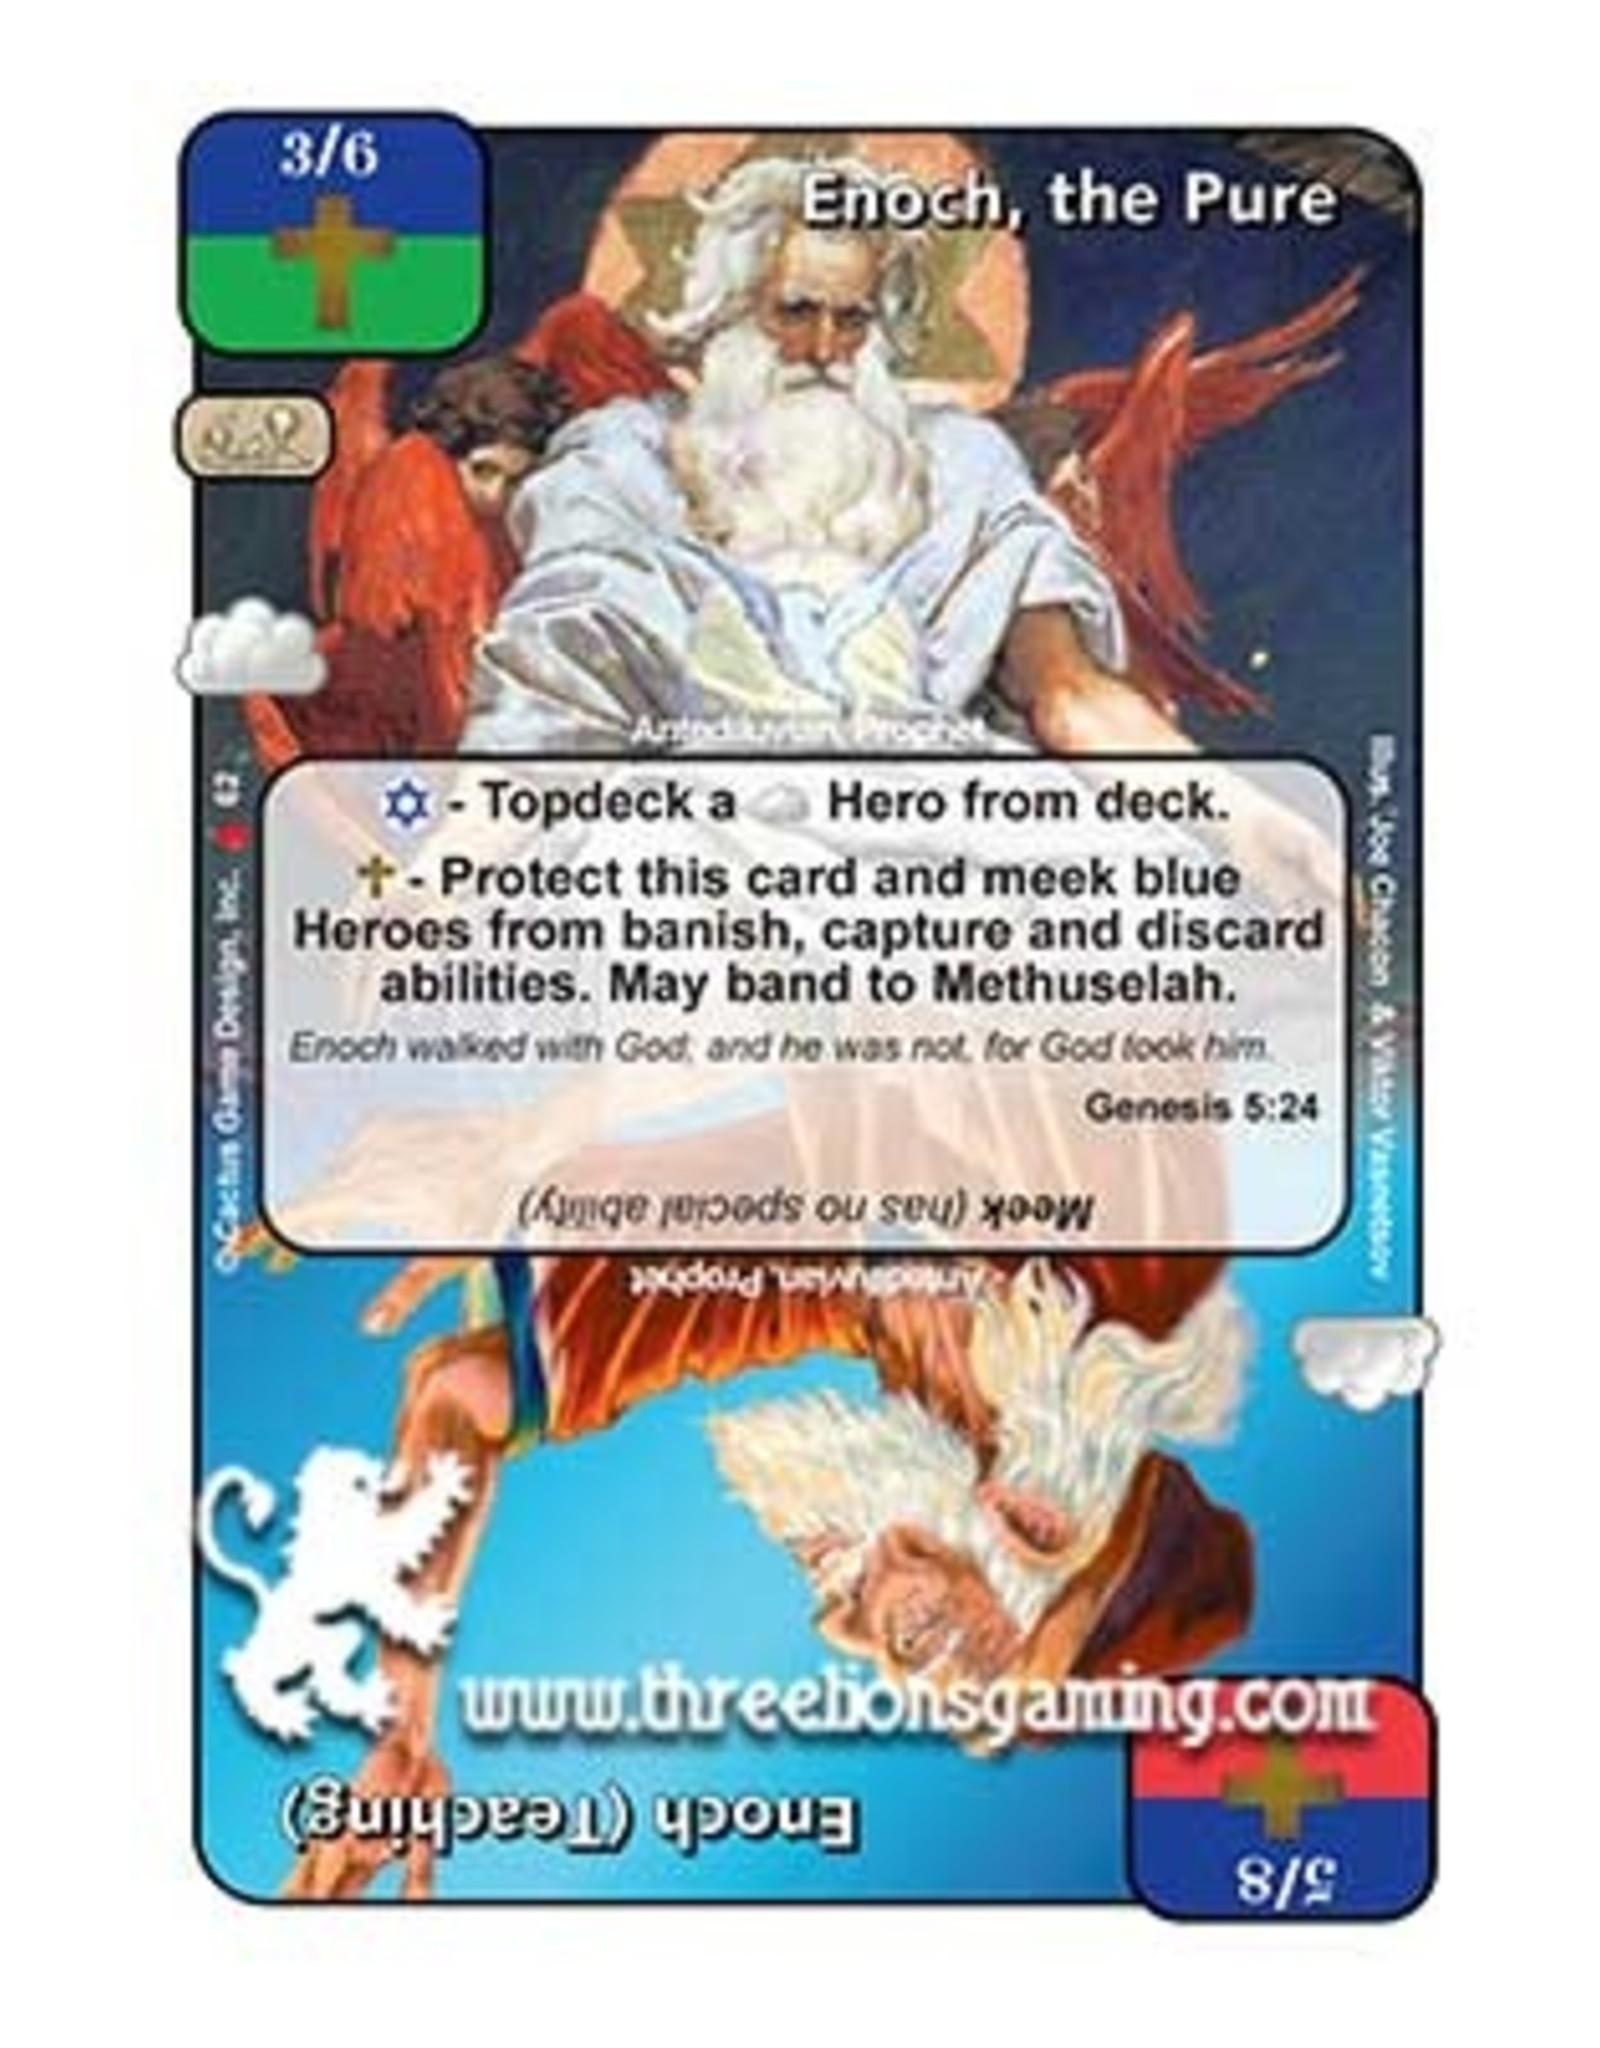 LoC: Enoch, the Pure / Enoch (Teaching)